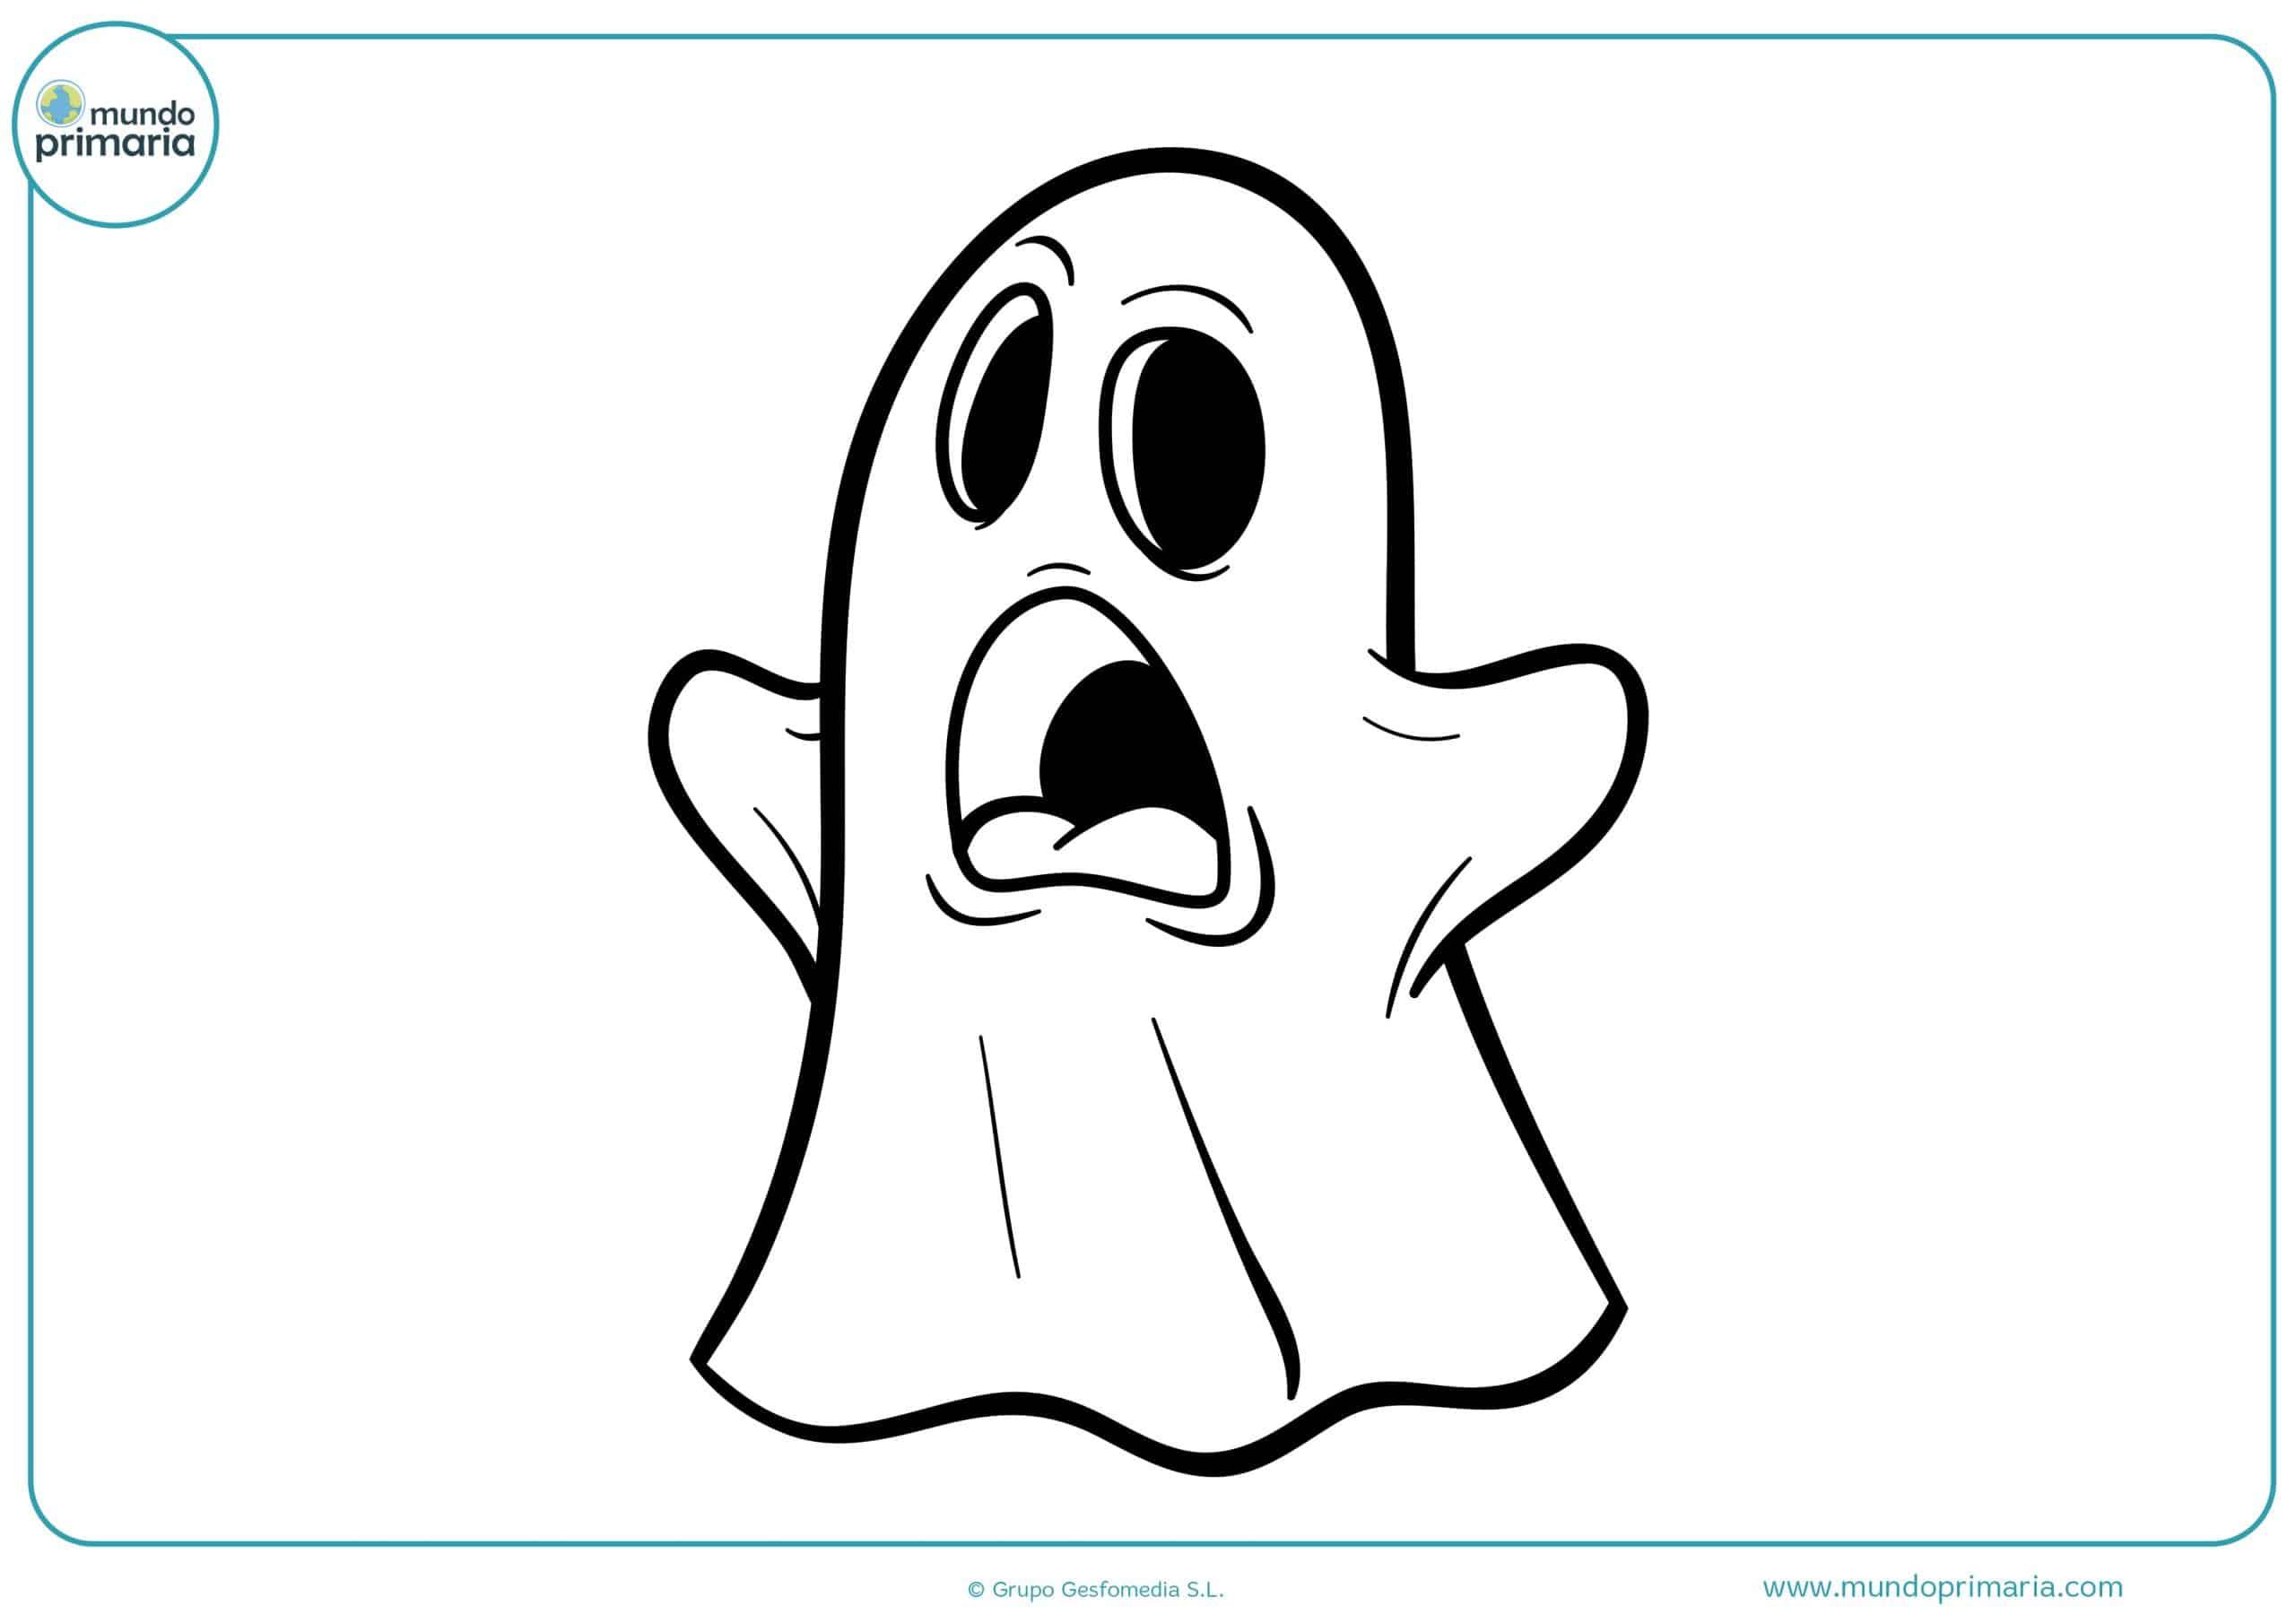 dibujo-fantasma-asustadizo